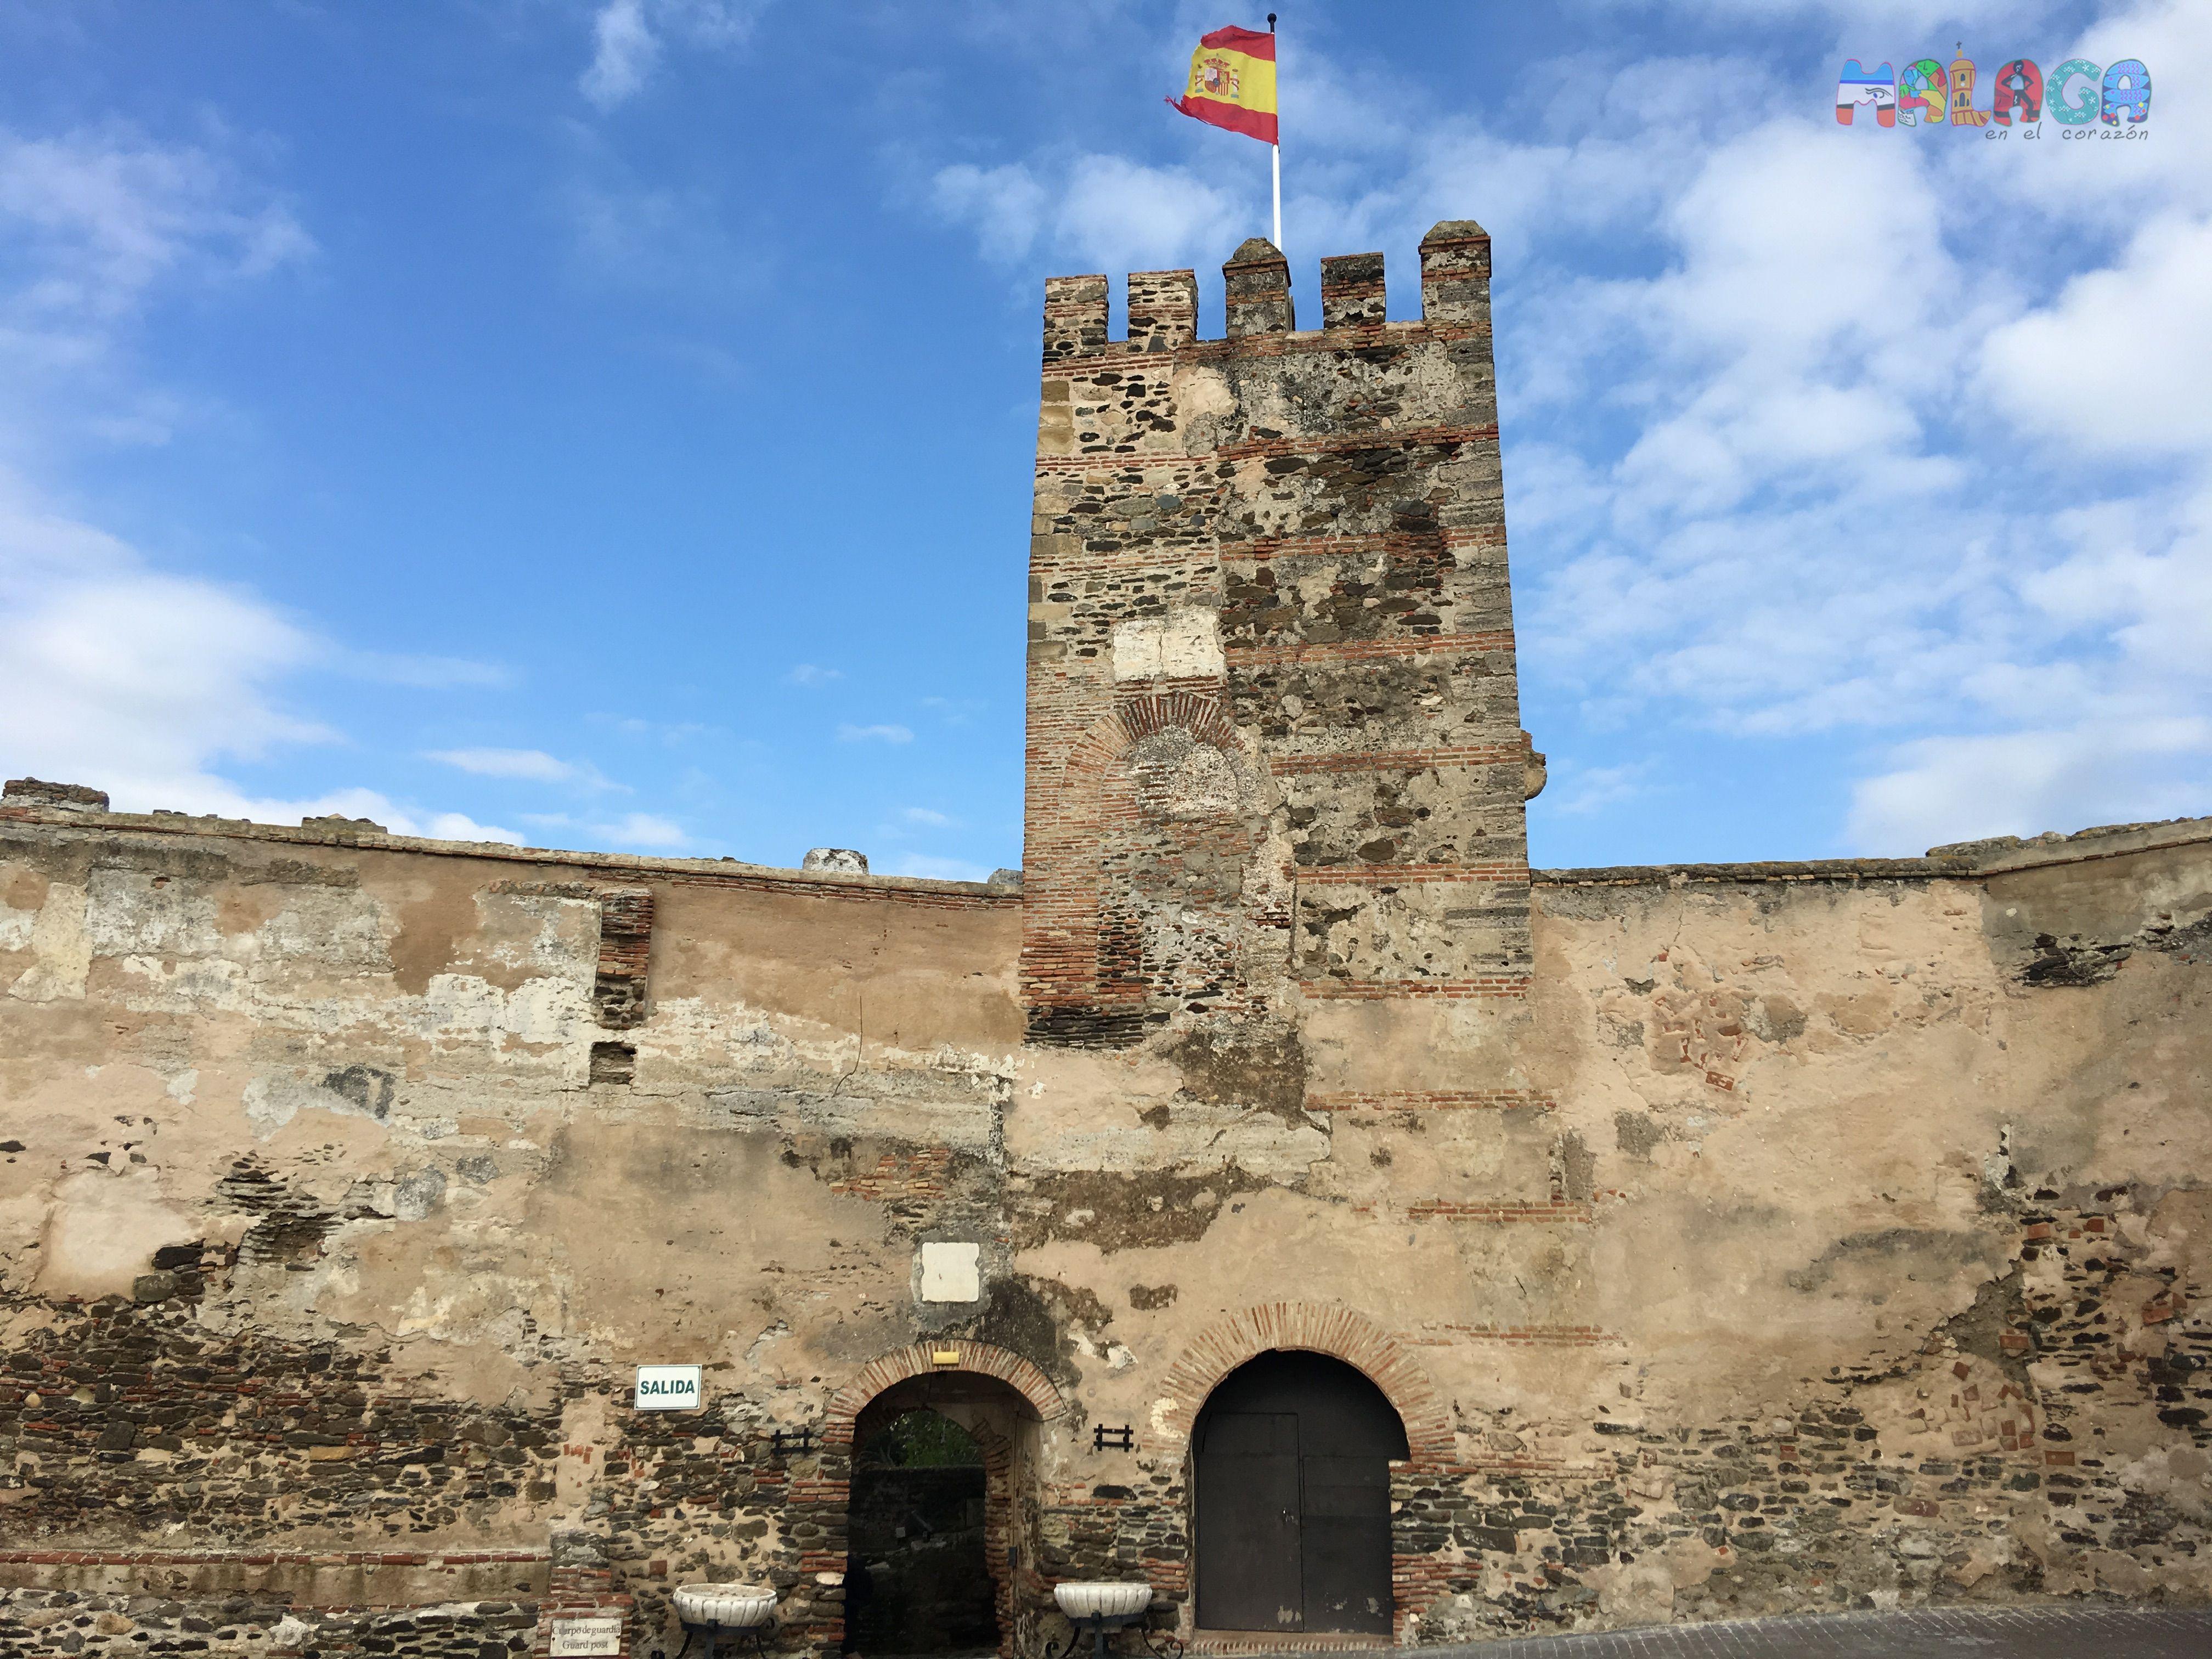 Castillo-Sohail6